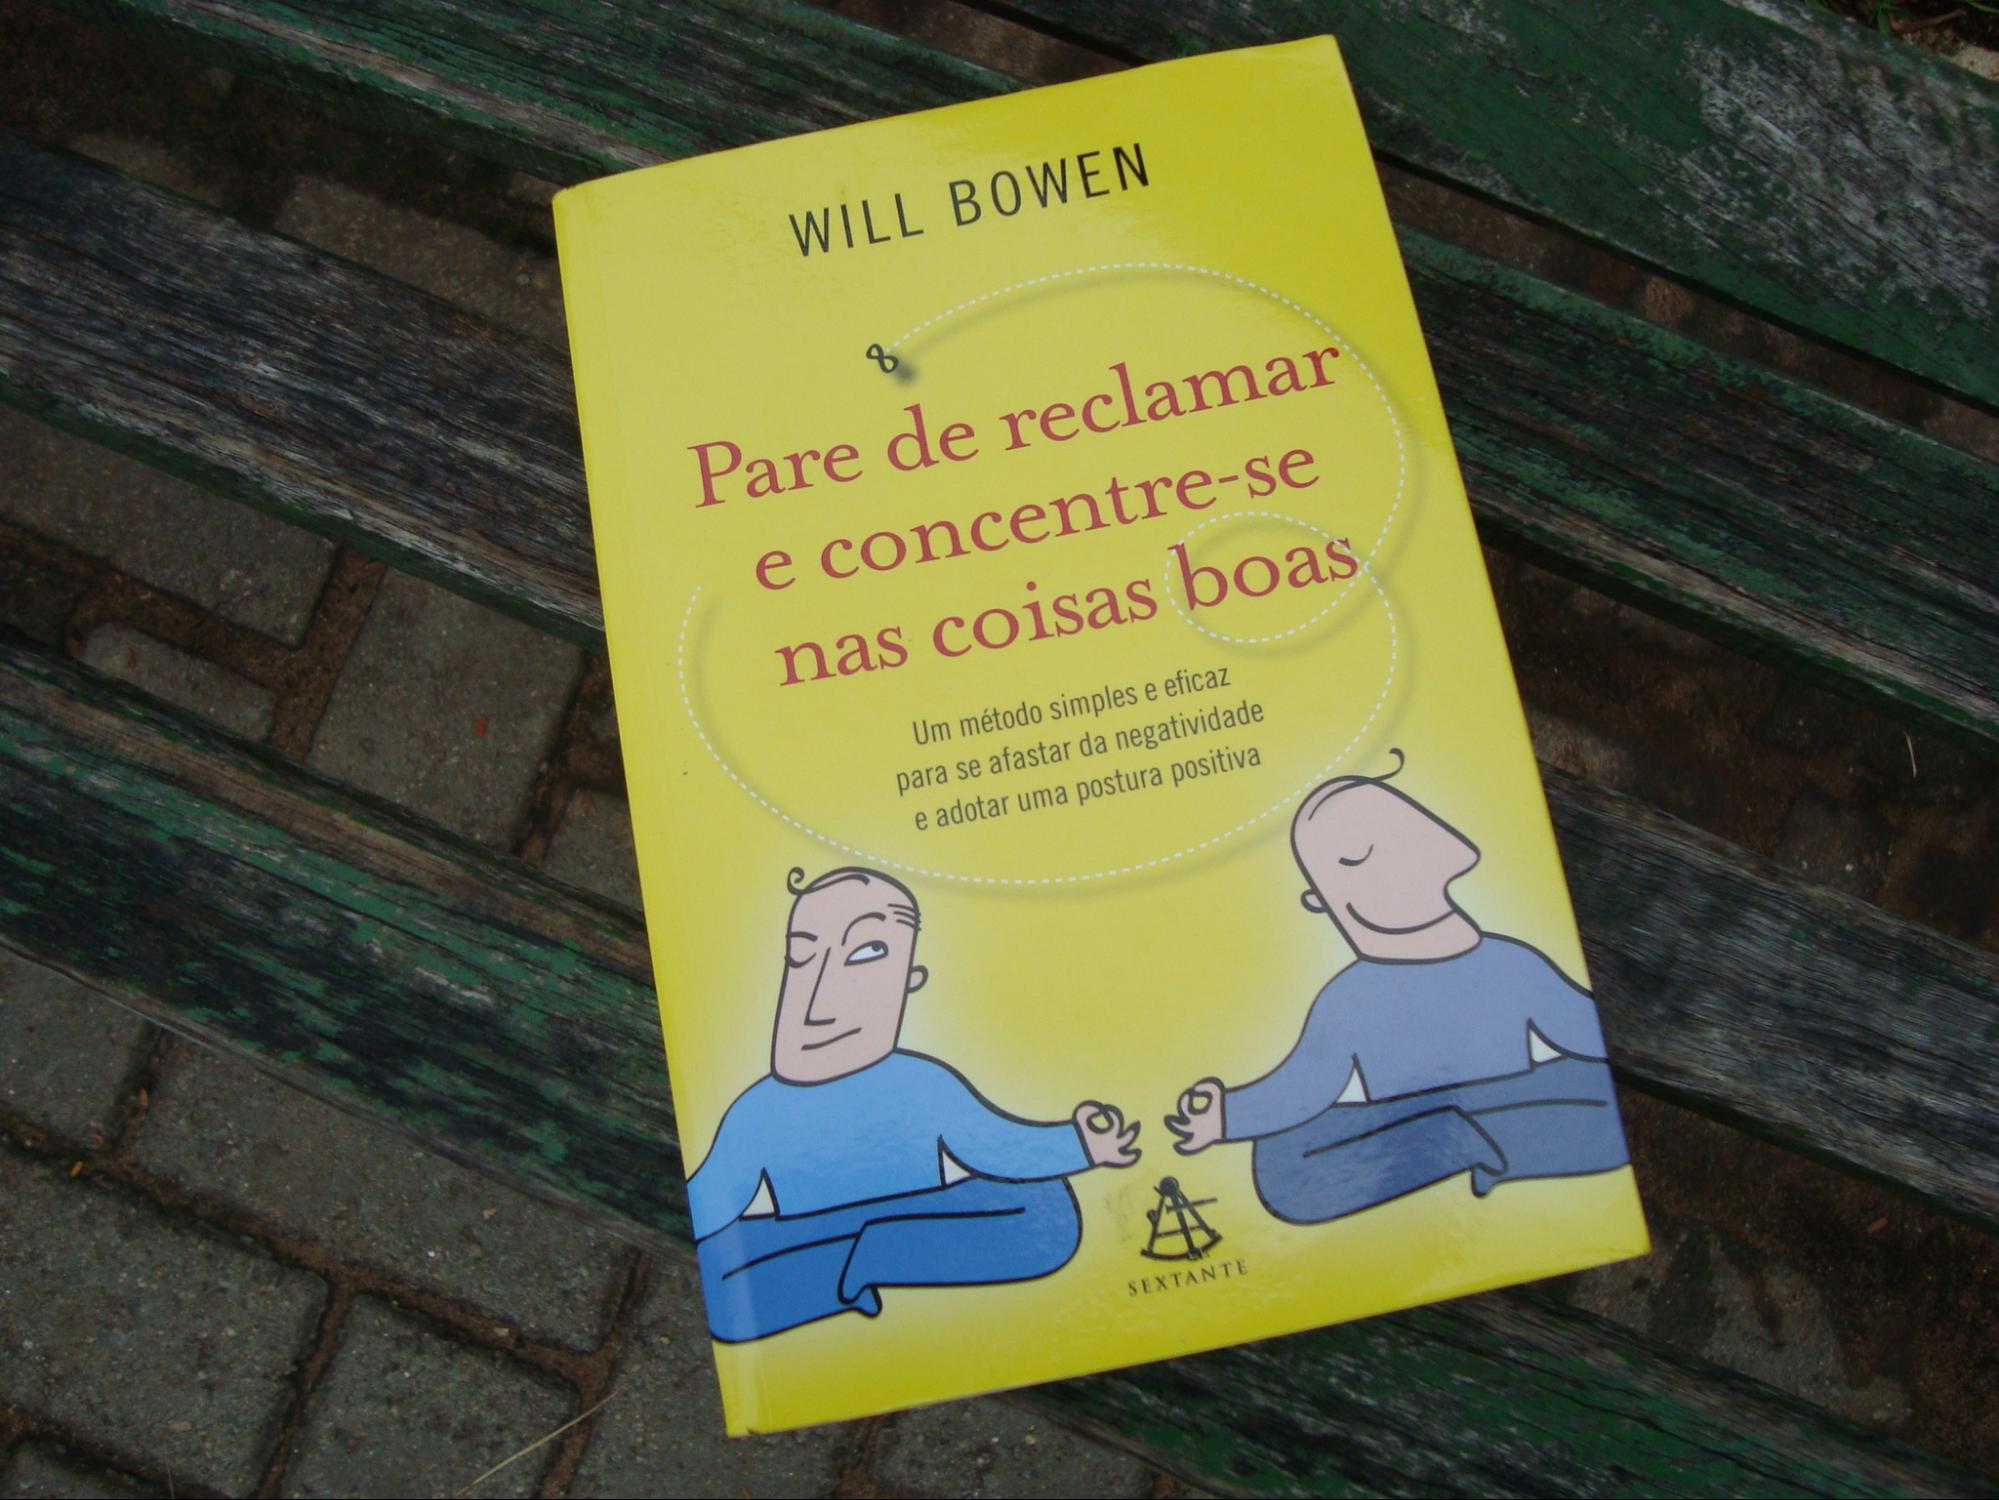 Esse livro deu origem à ideia de ficar alguns dias sem reclamar.